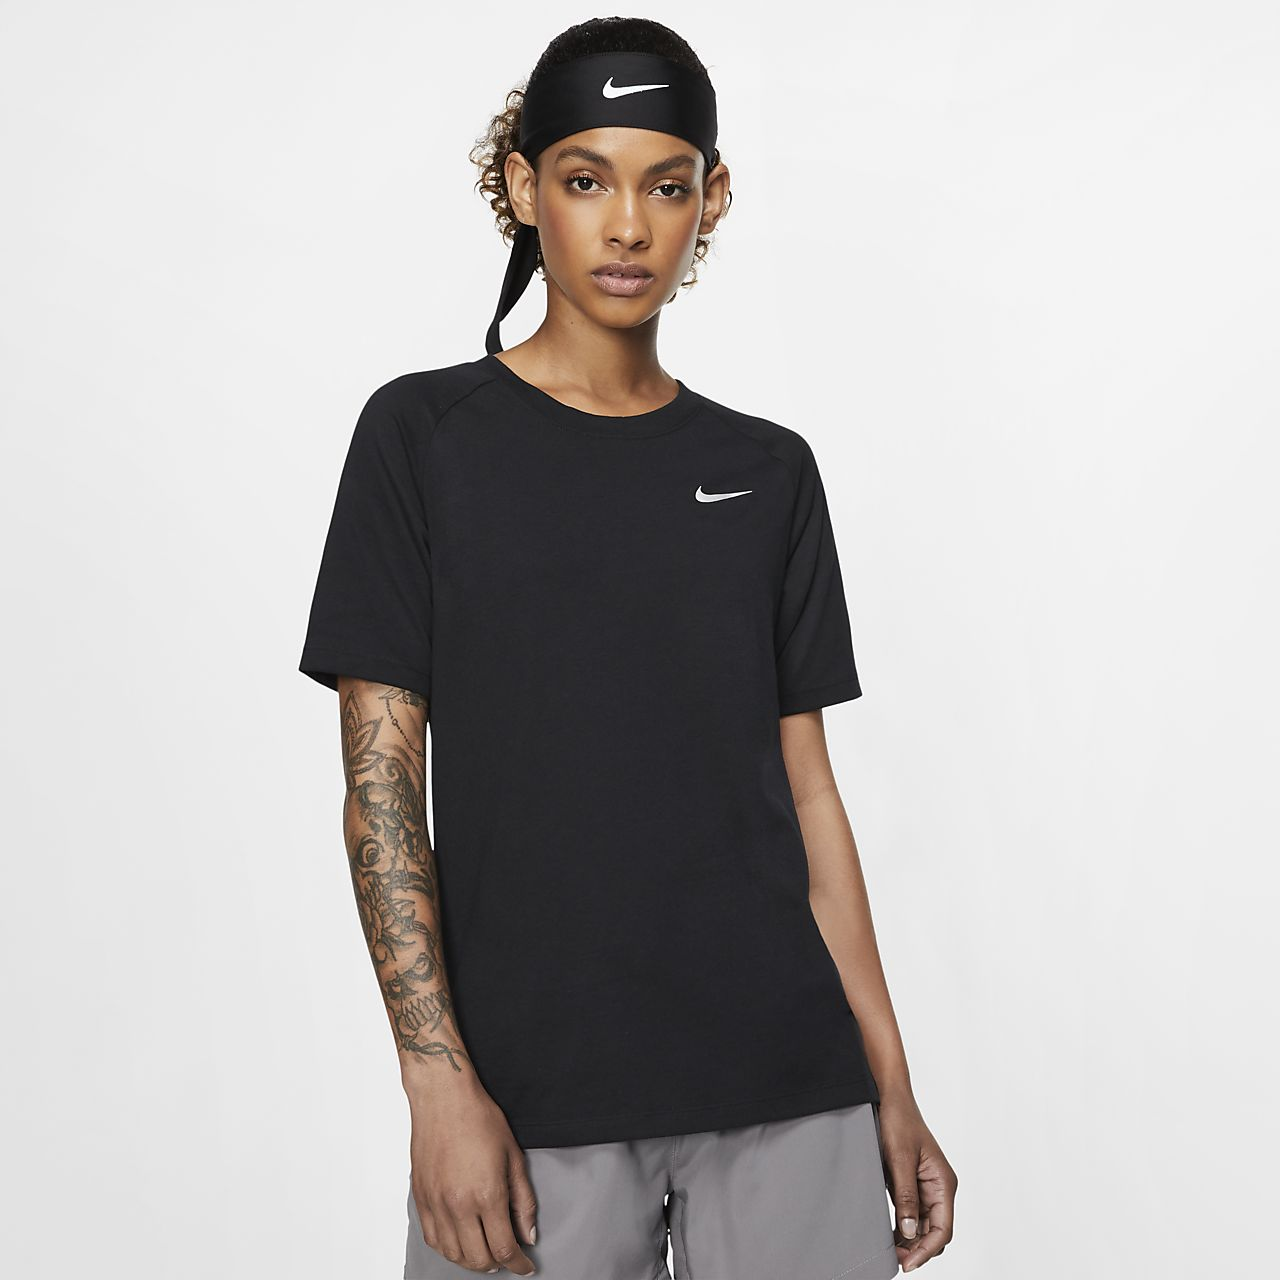 low priced c5734 f7d8d Haut de running à manches courtes Nike Dri-FIT Tailwind pour Femme